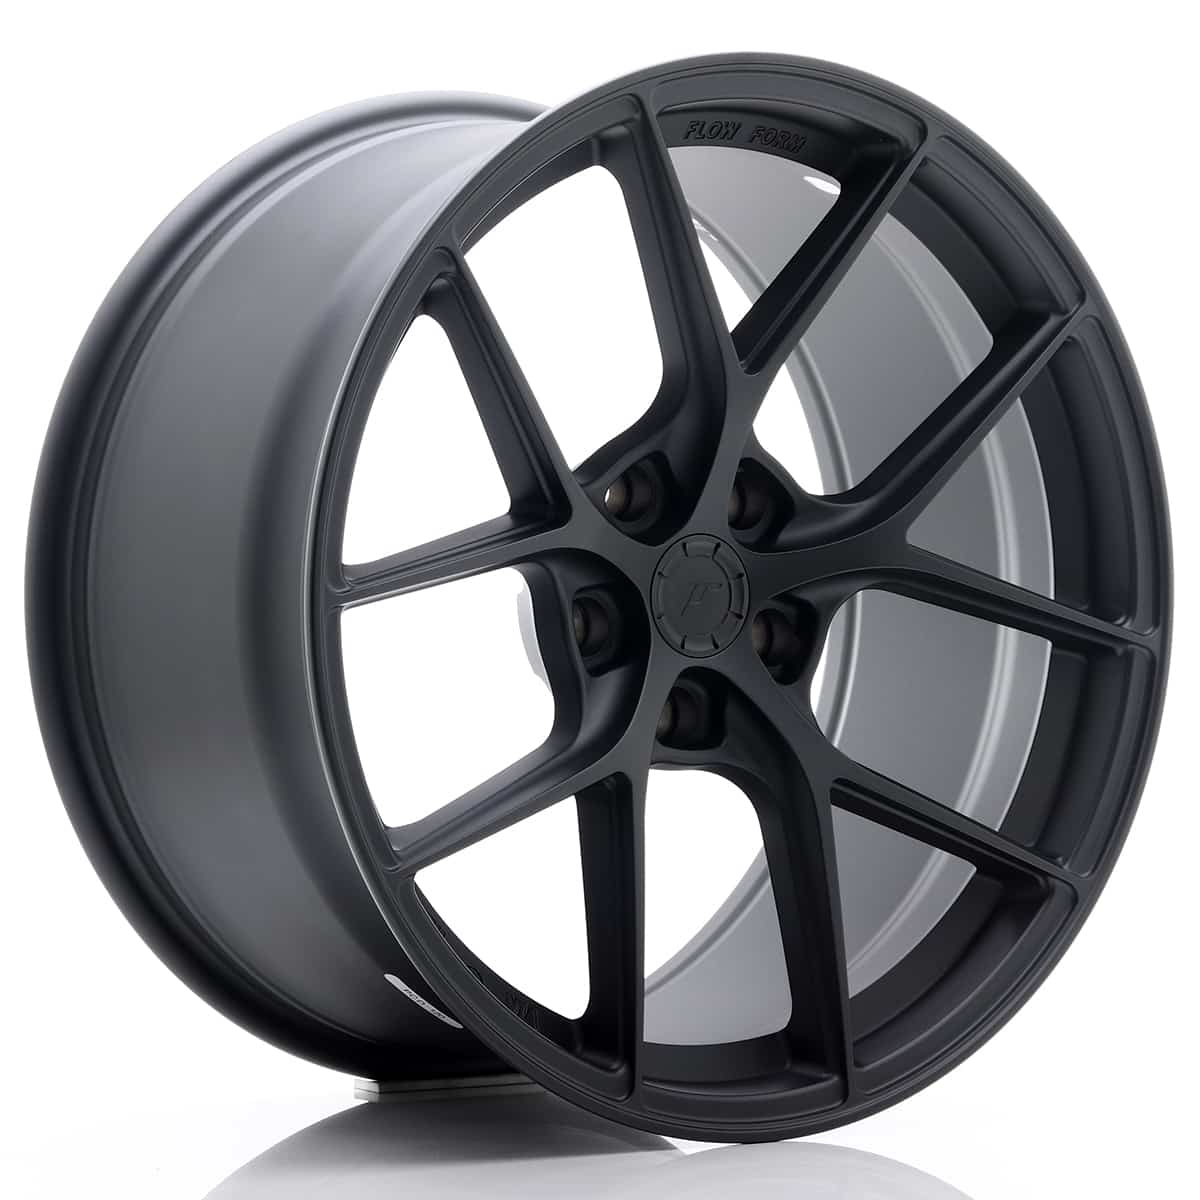 JR Wheels SL01 19x9, 5 ET33 5x112 Matt Gun Metal